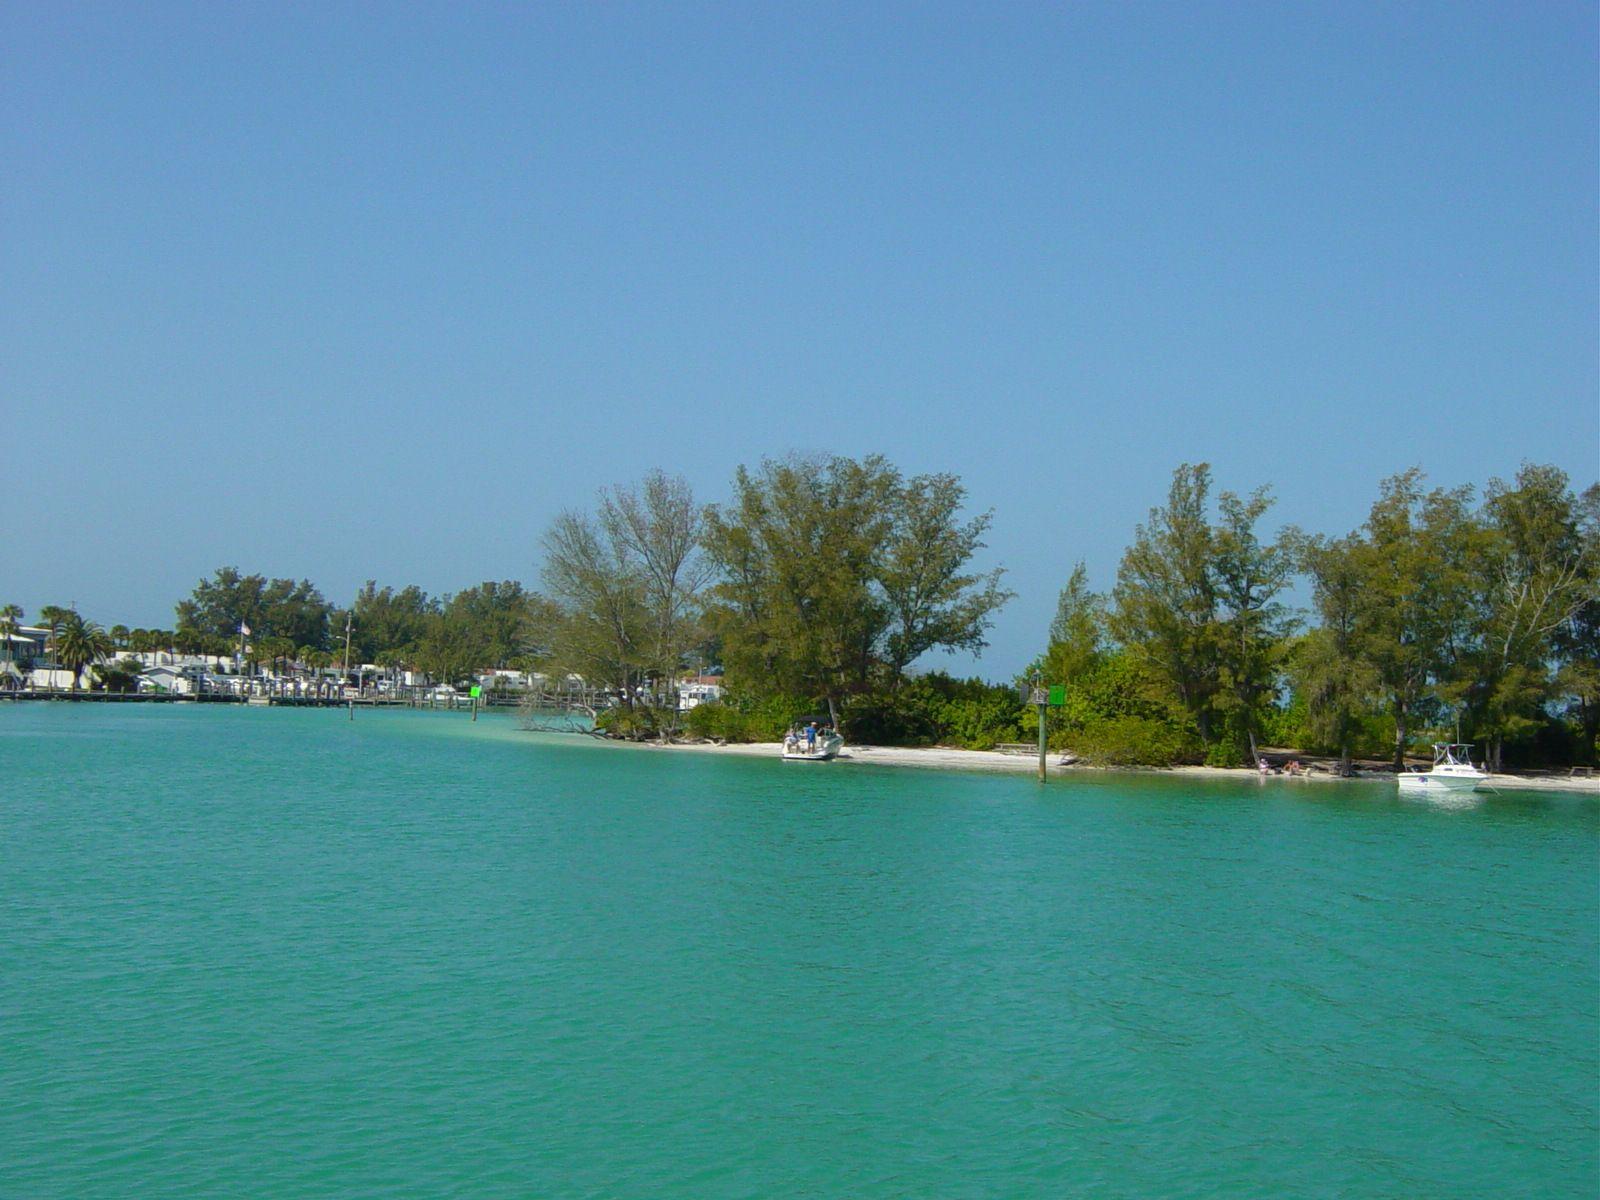 sarasota beaches | Marina Jack, Sarasota to Chadwick Cove Marina Englewood Beach.